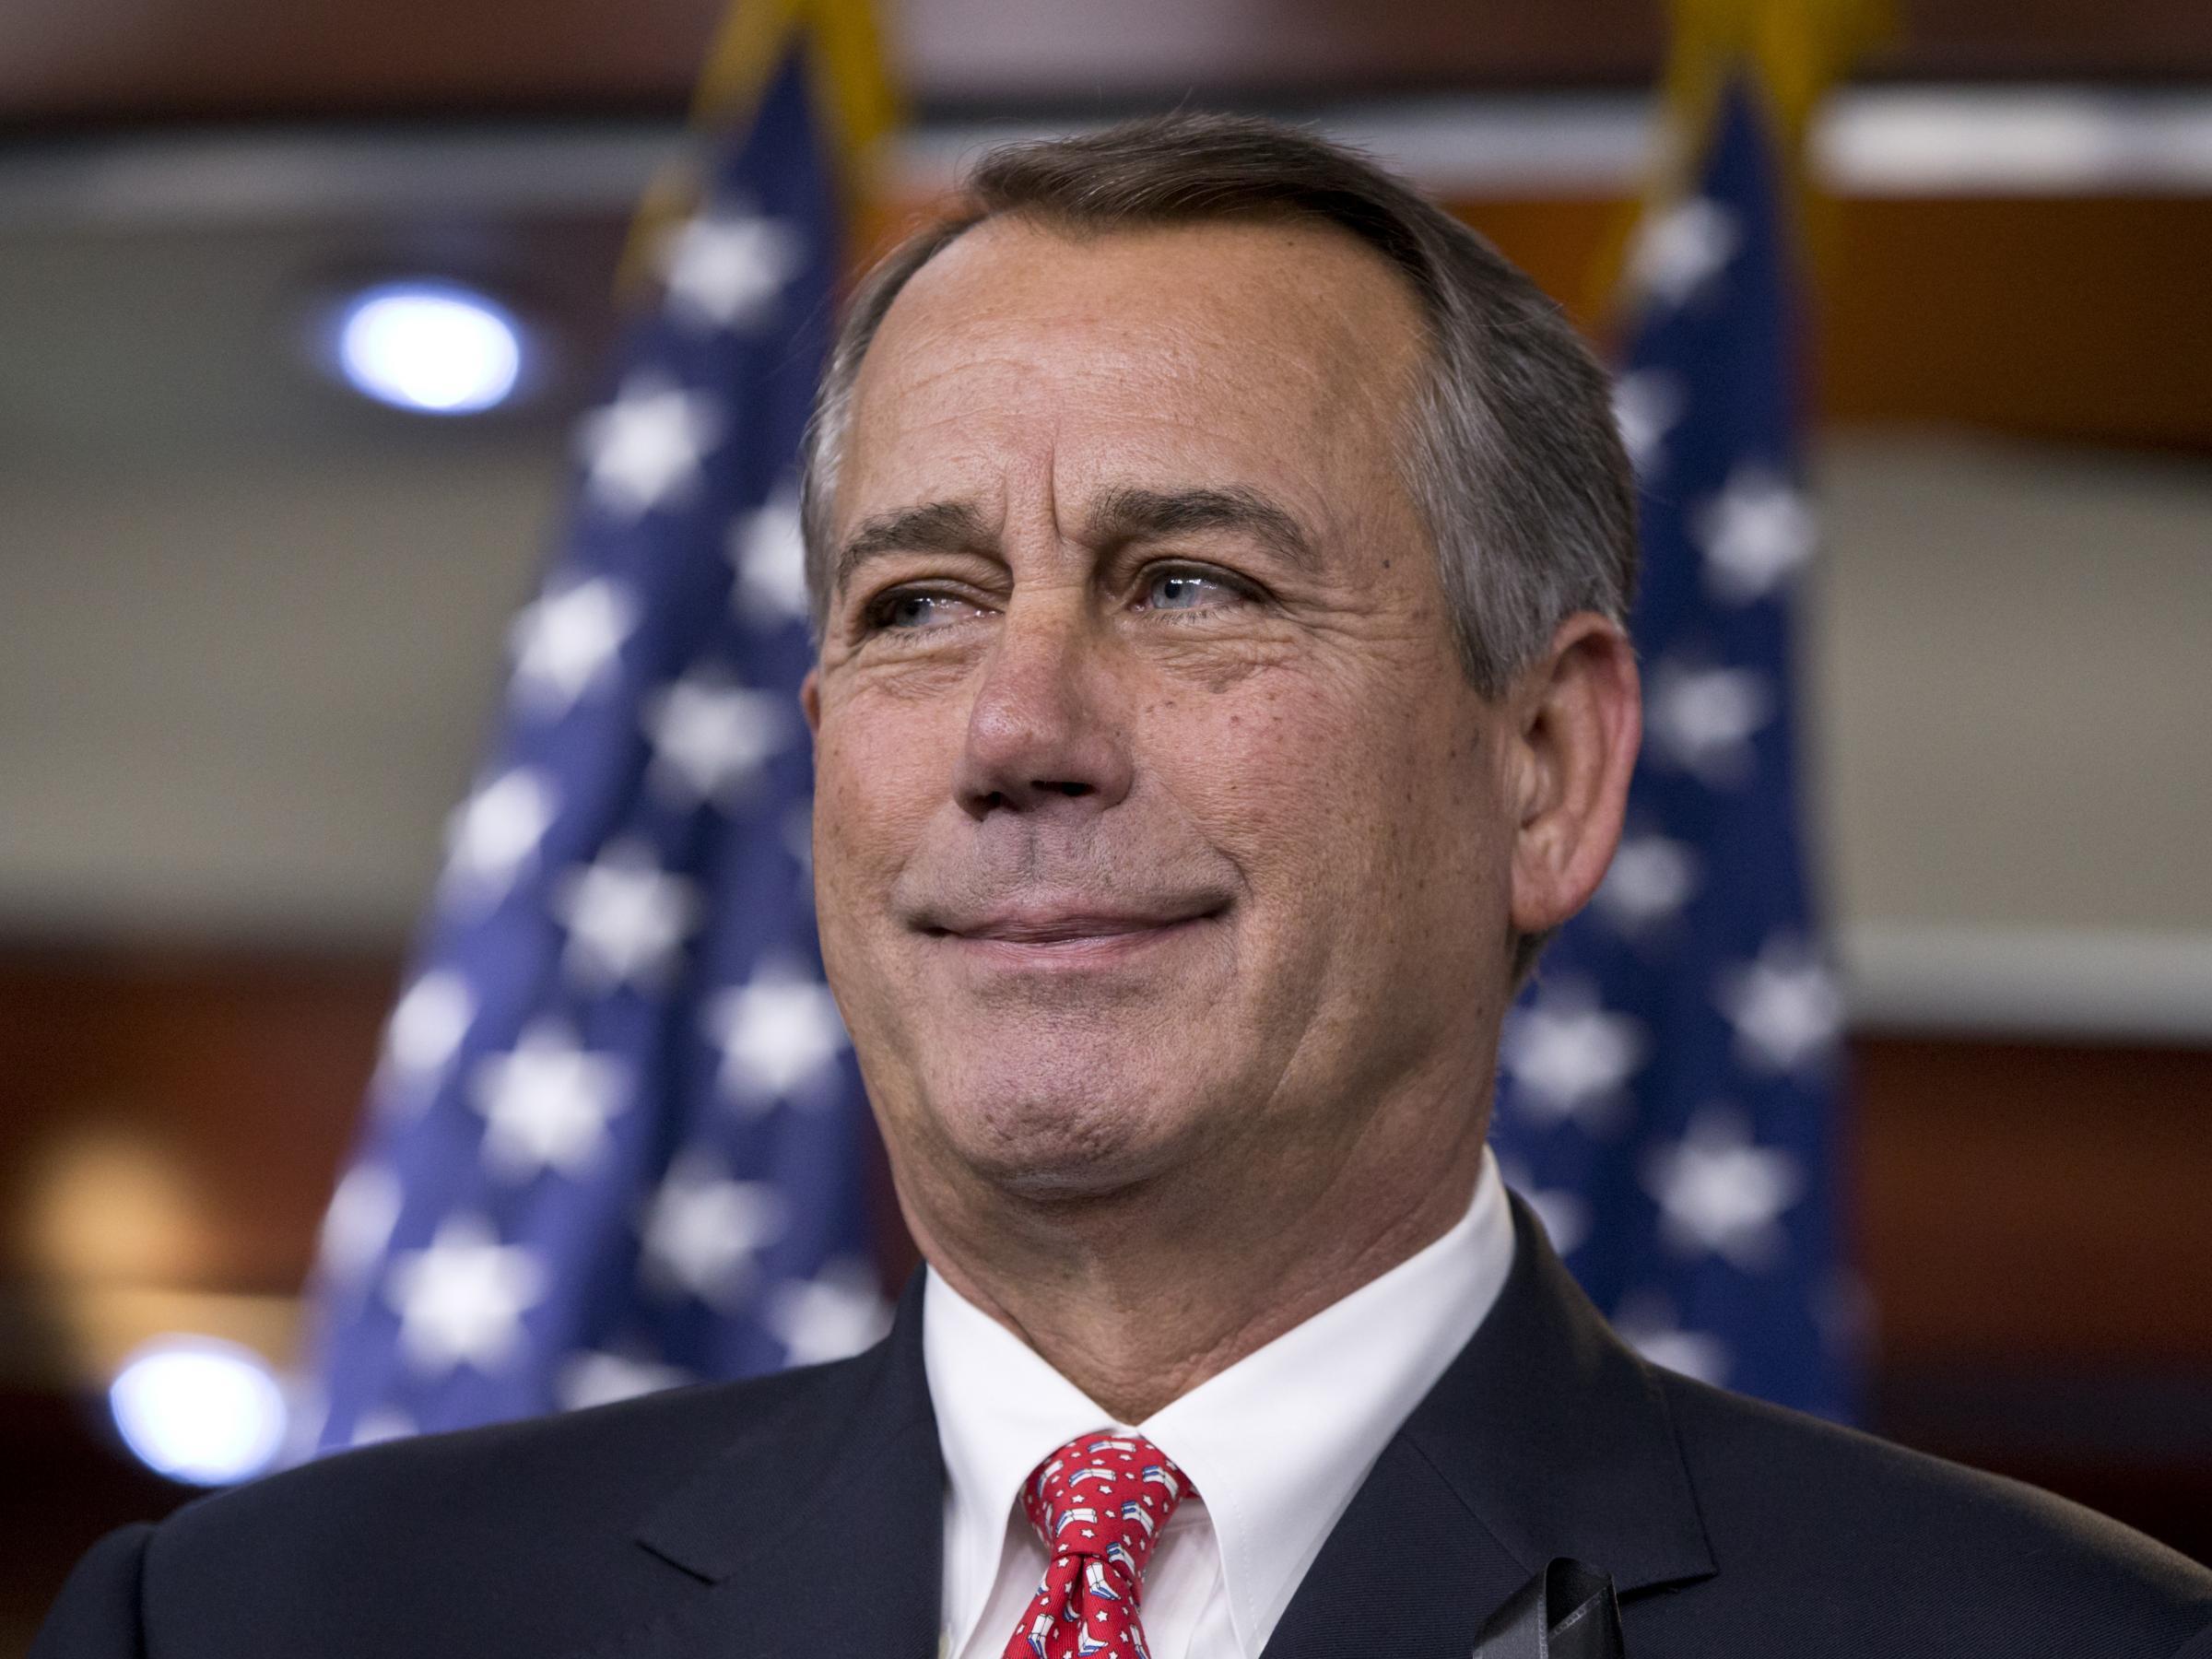 During a December news conference, House Speaker John Boehner rebukes ...